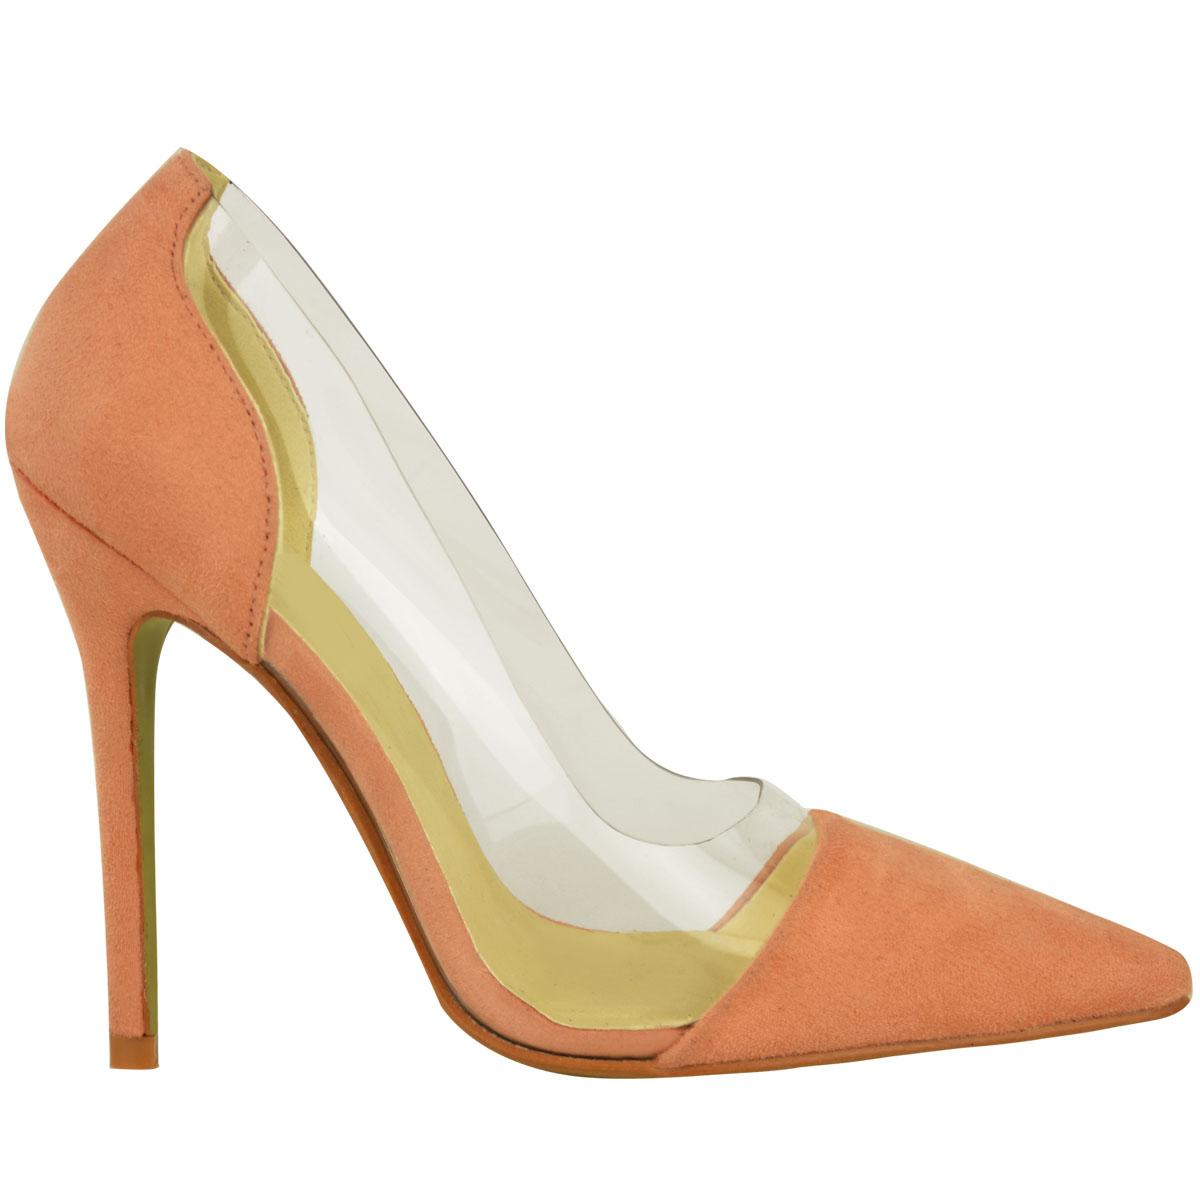 Fashion Sandals Wholesale Uk